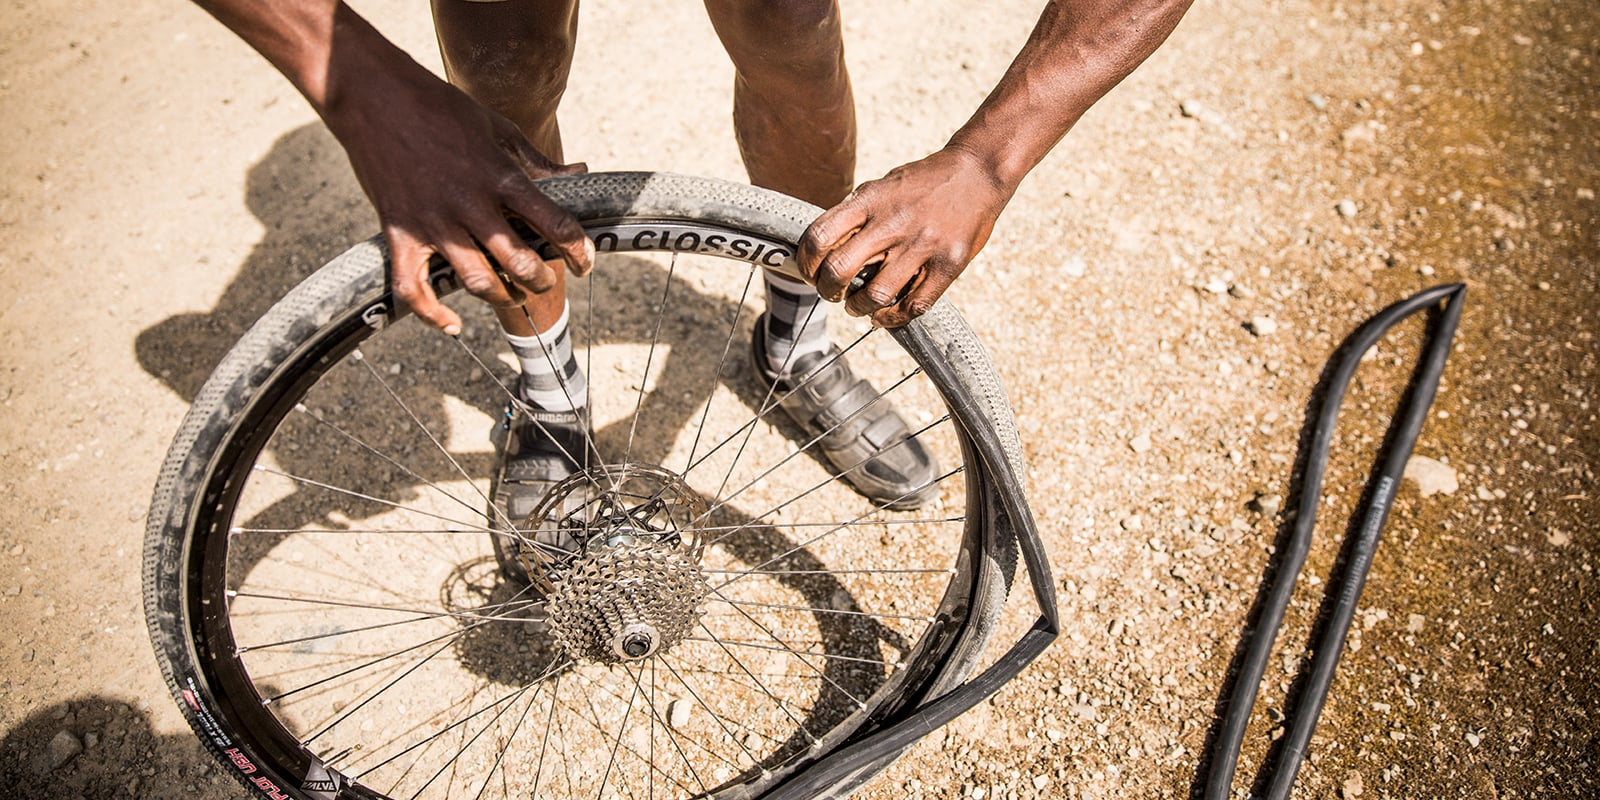 How to Fix a Flat Bike Tire | REI Expert Advice